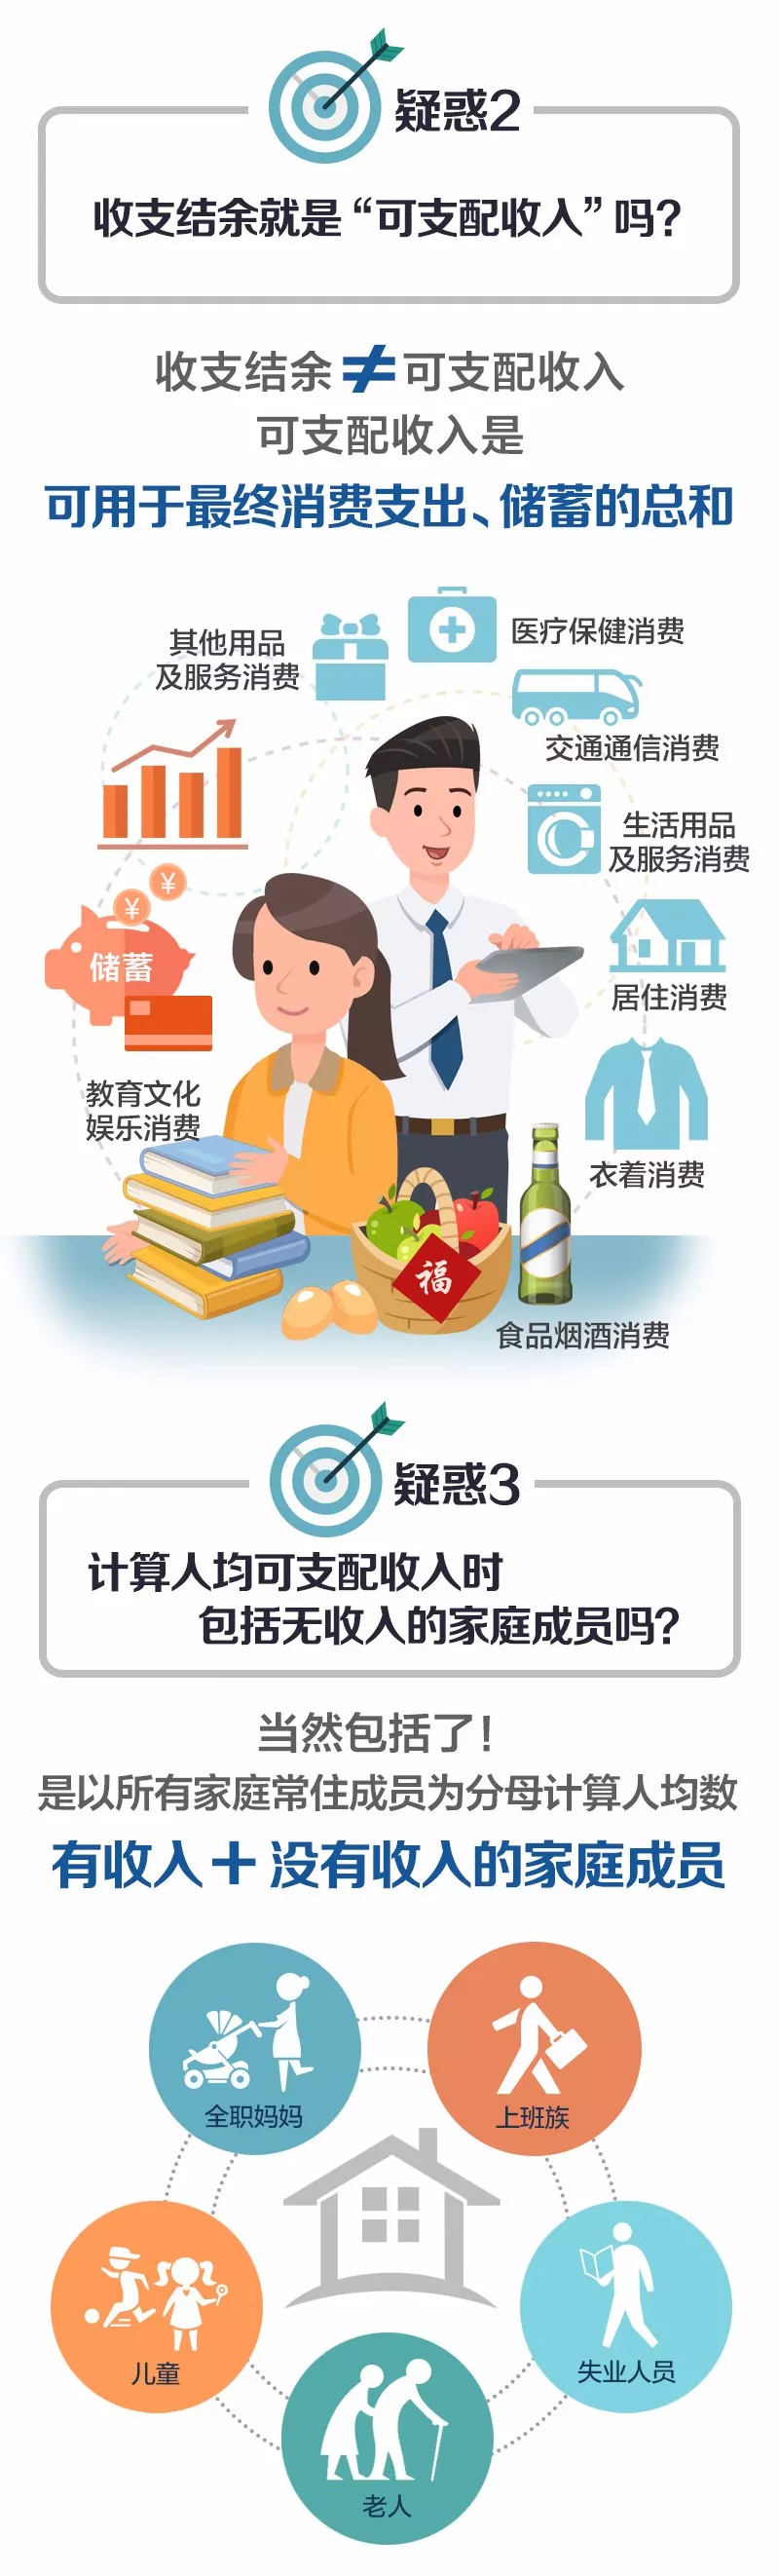 """【微科普】""""可支配收入""""就是拿到手的工资吗?一图看懂!"""